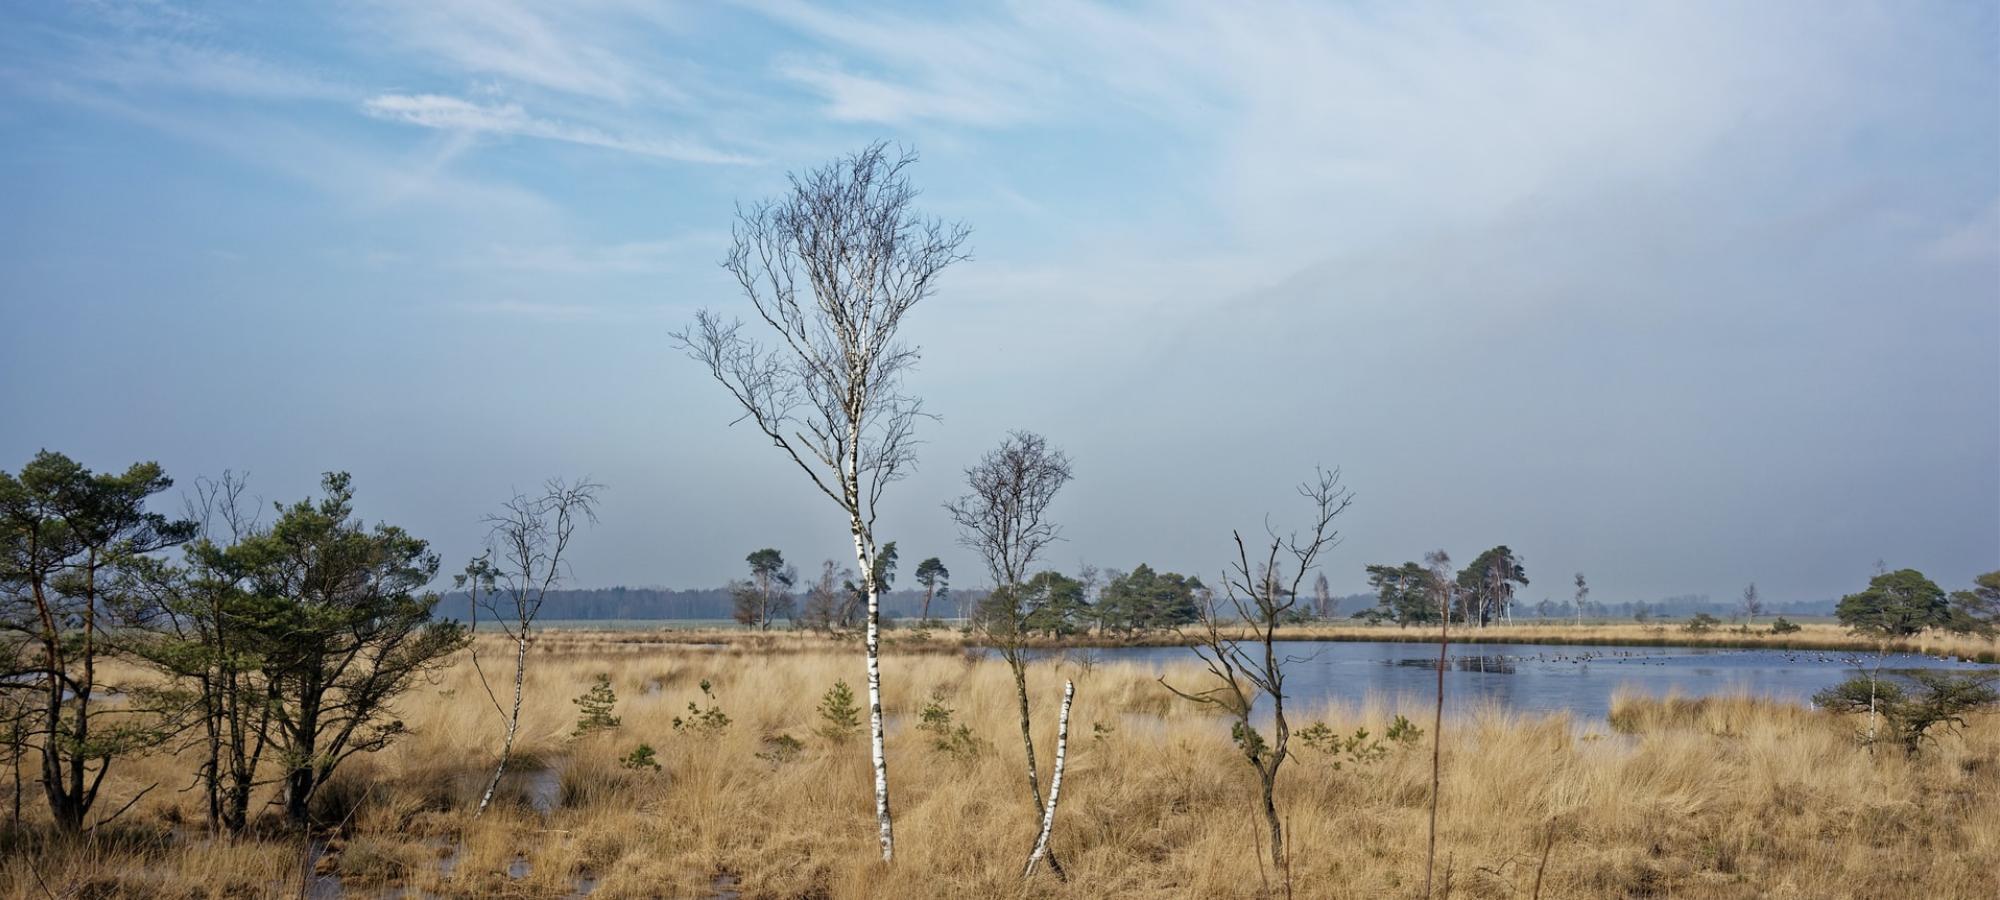 Barren landscape of Kalmthoudse Heide, Antwerp, Belgium